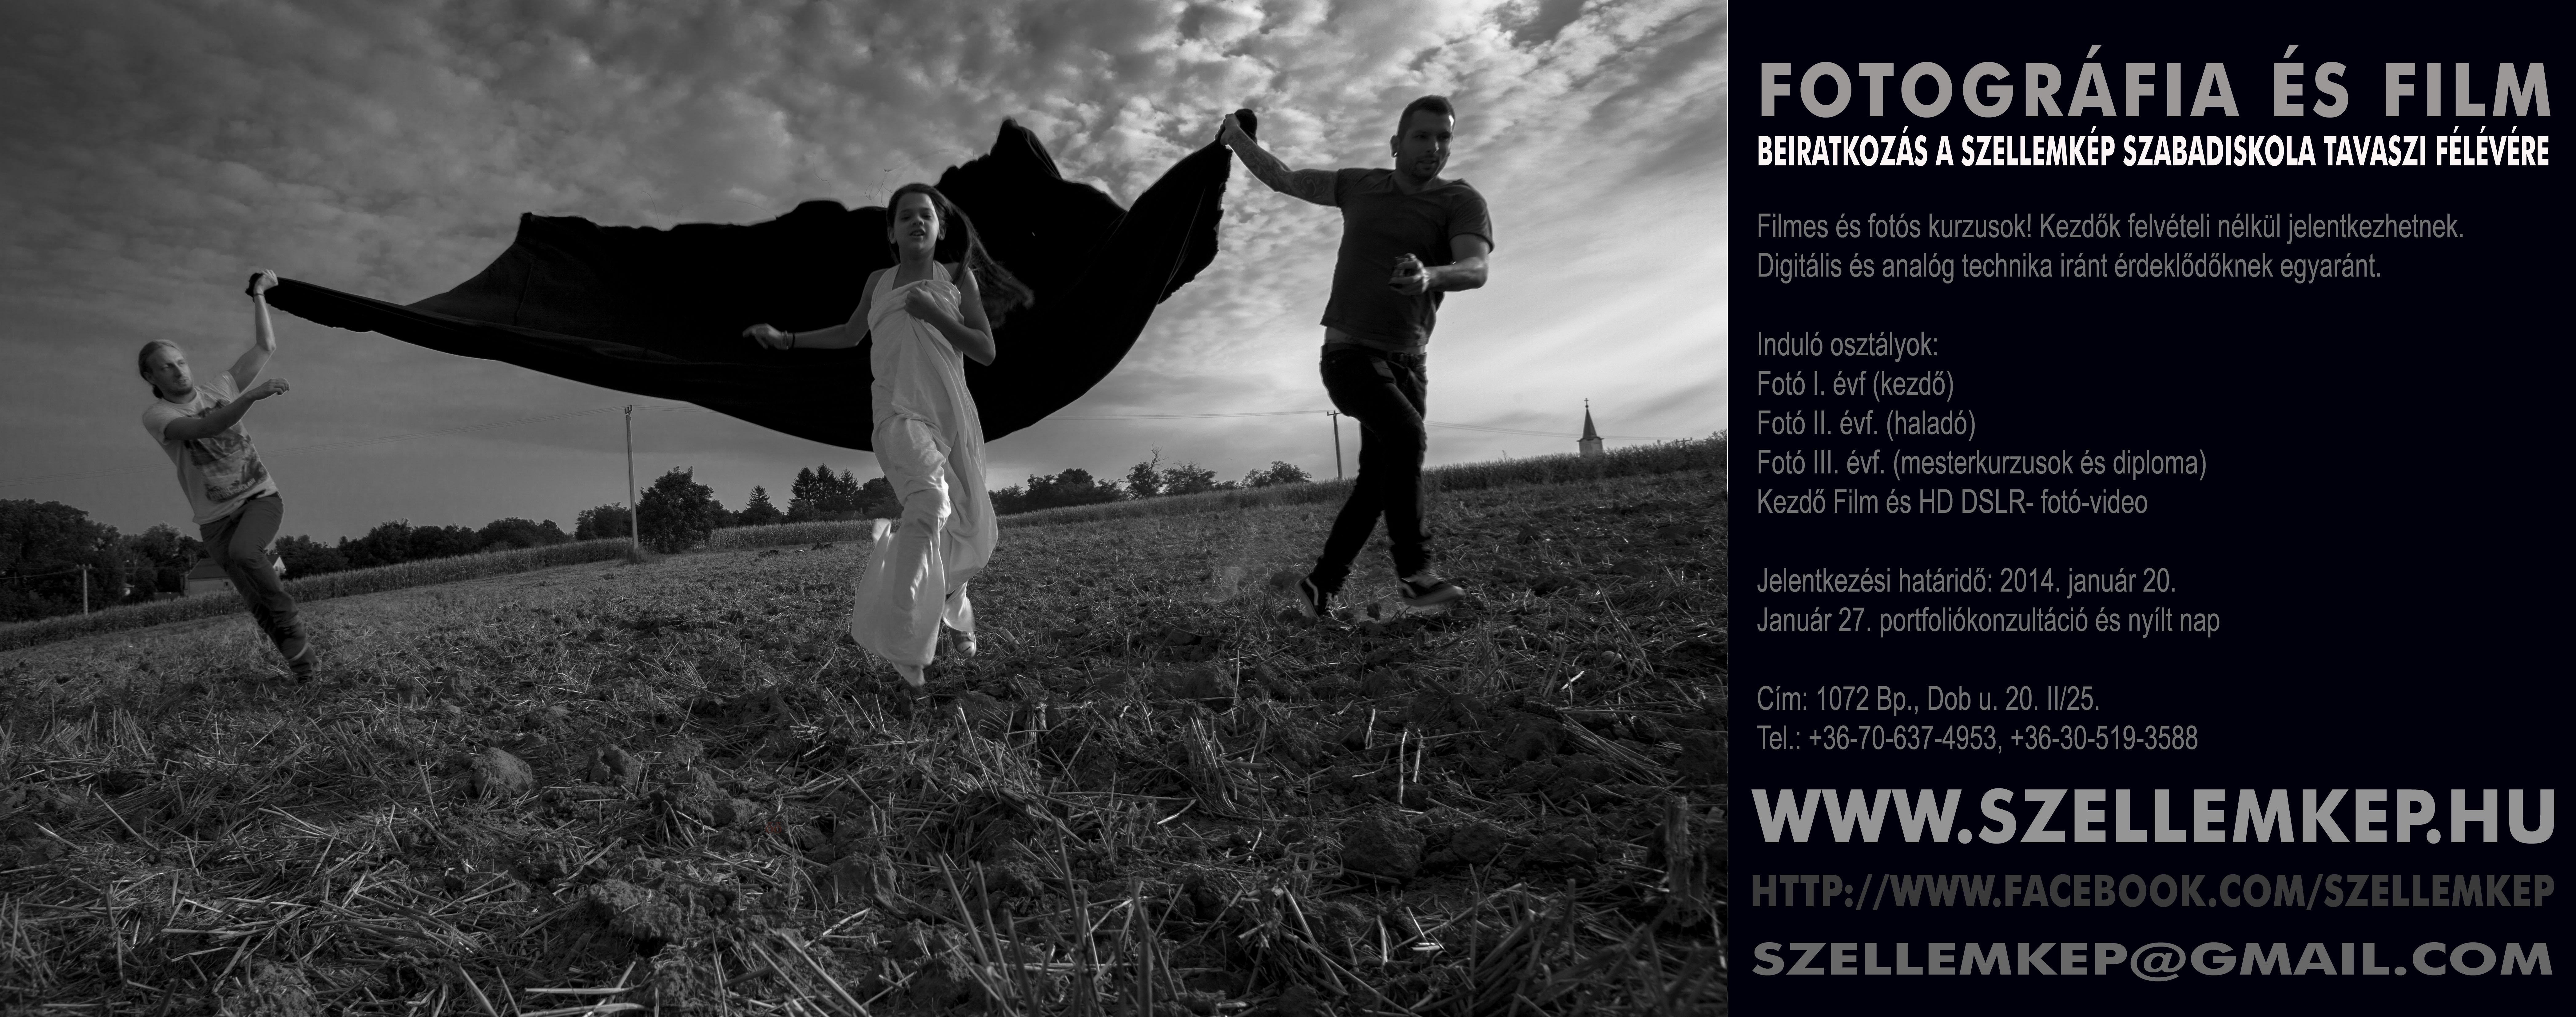 FOTÓS ÉS FILMES KURZUSOK -Beiratkozás a Szellemkép Szabadiskola tavaszi félévére